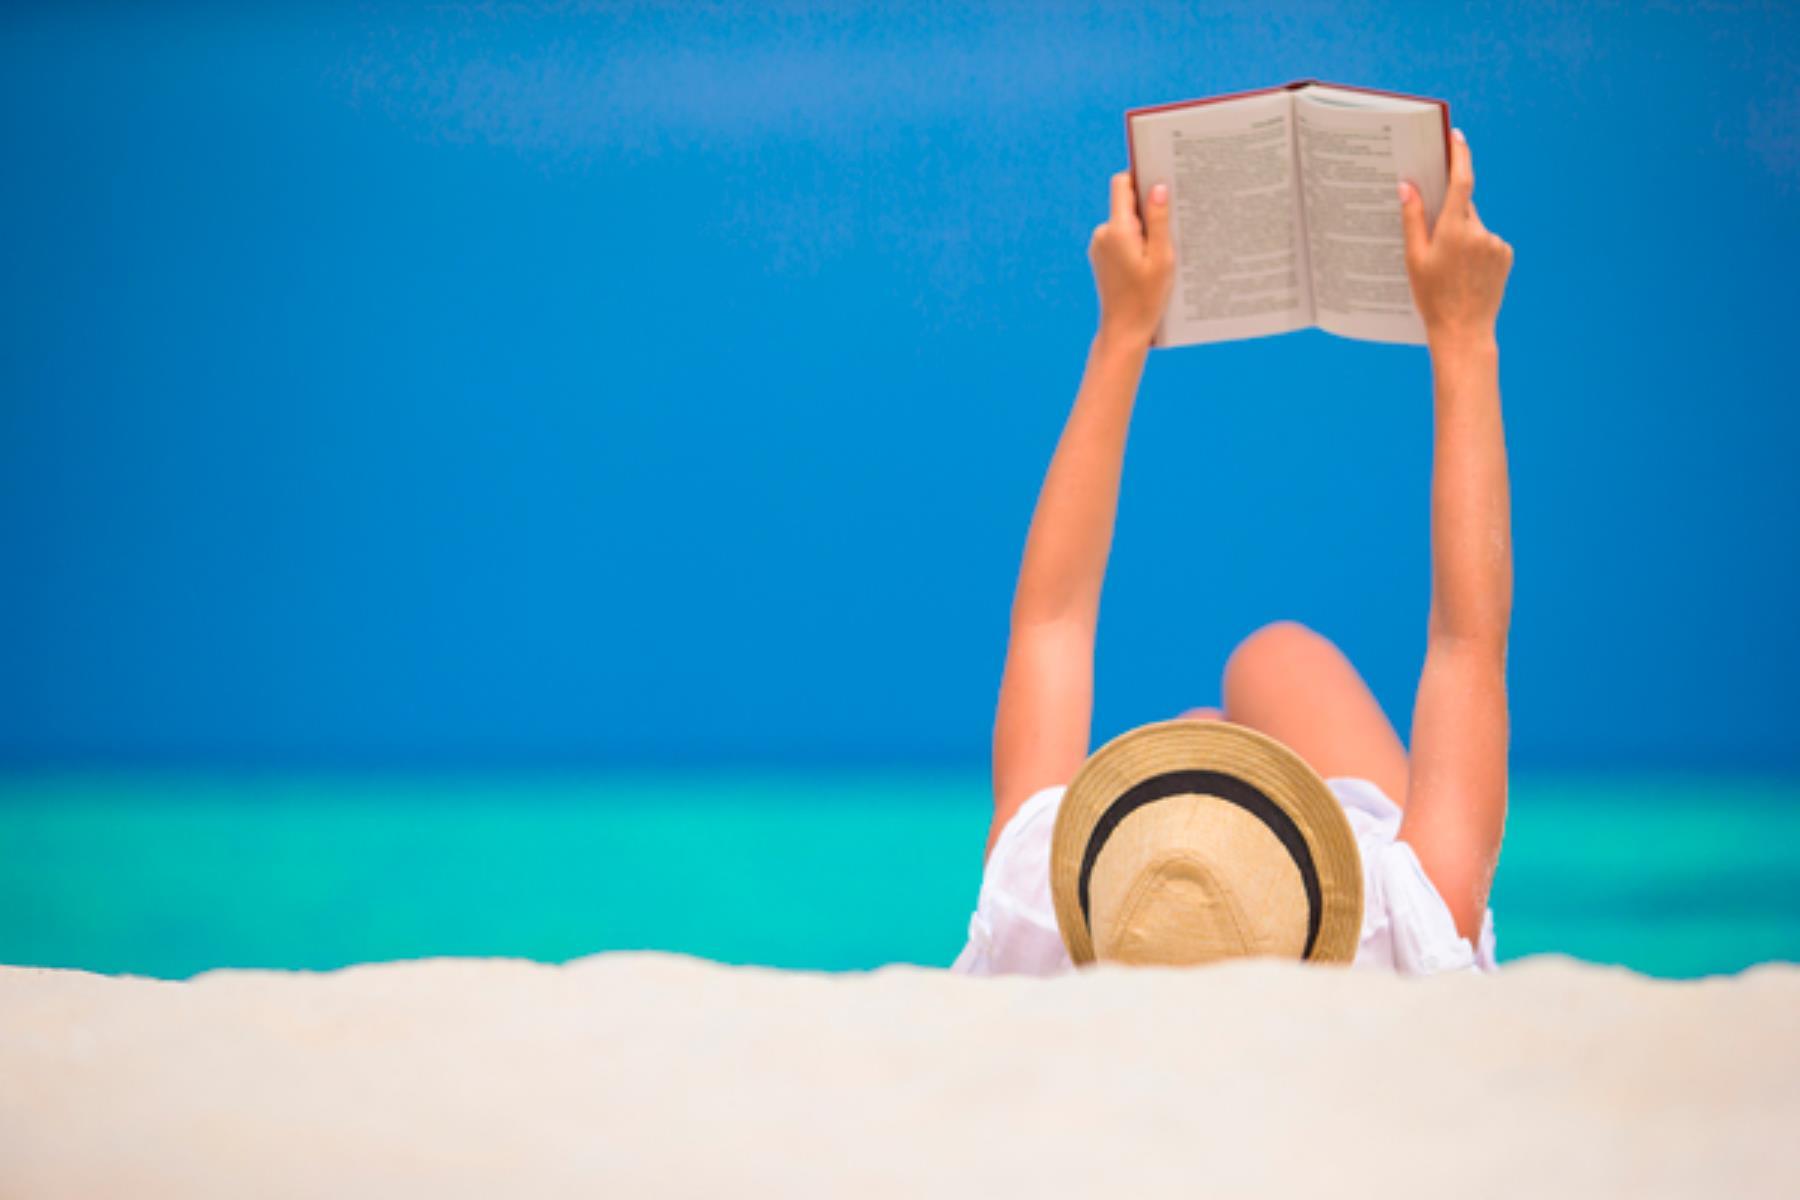 Libros para verano: recomendaciones top sobre cómo, qué y cuándo leer